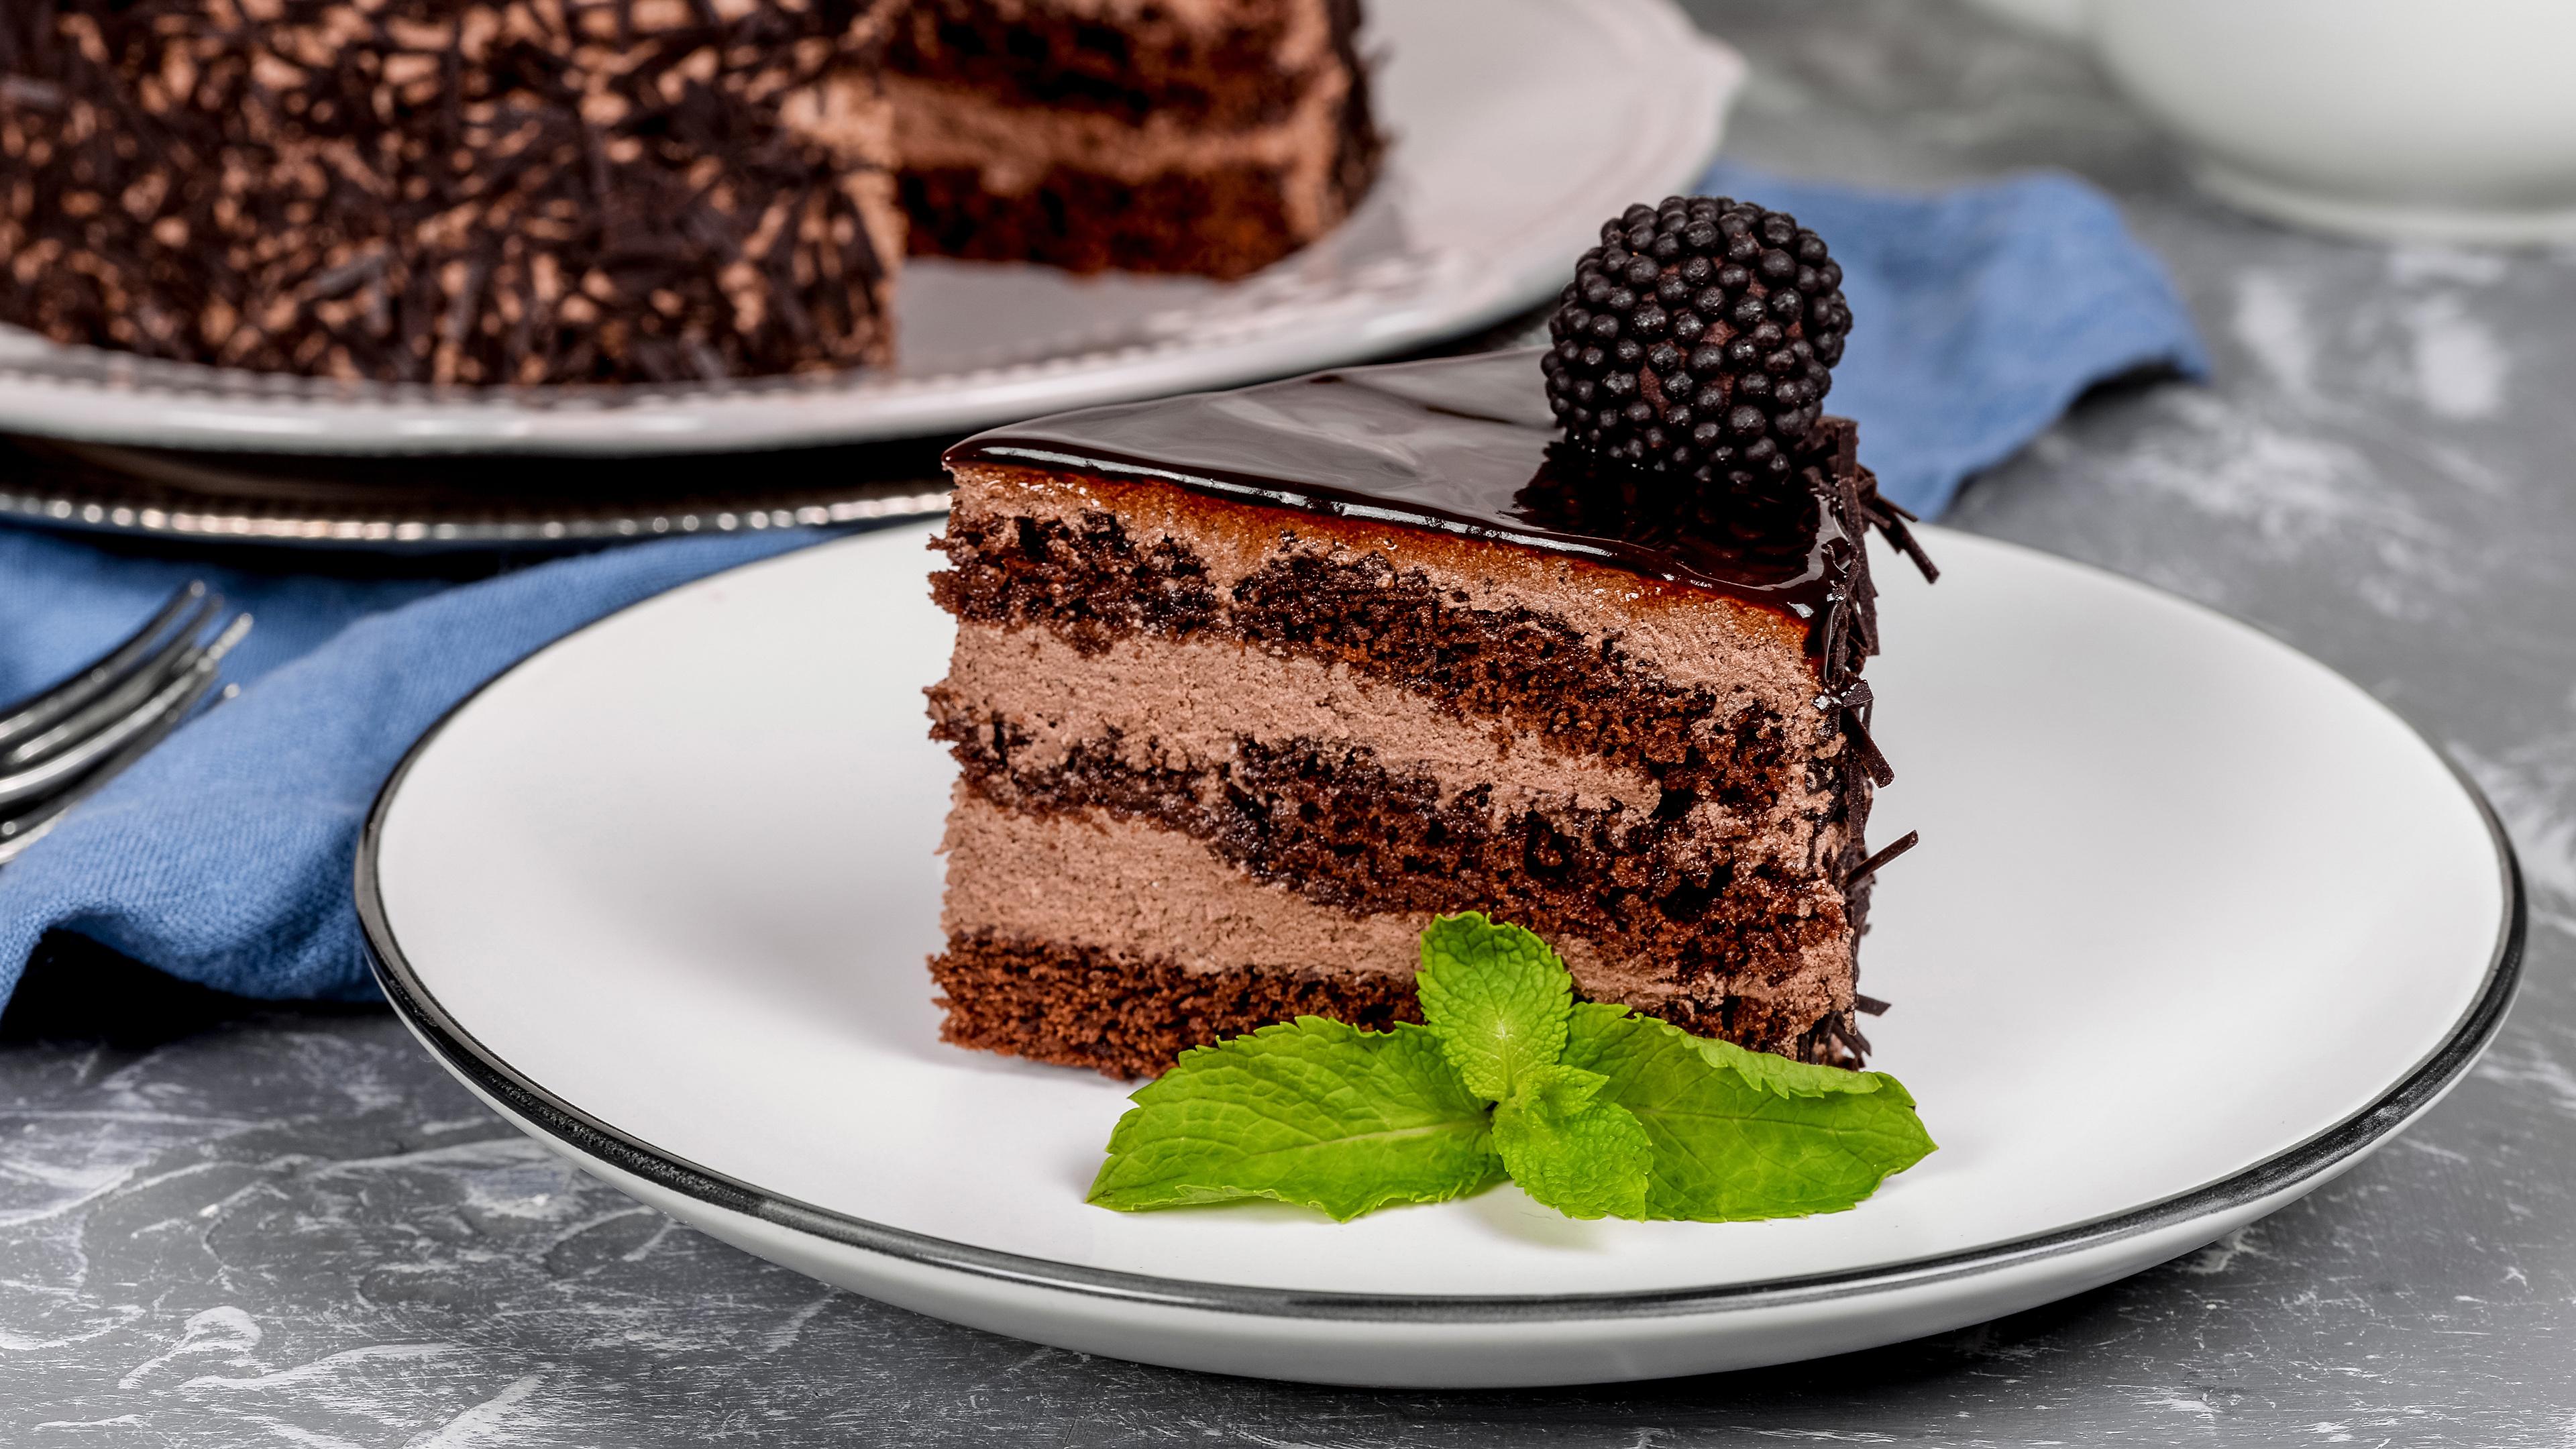 Фото Шоколад Торты часть Ежевика Еда Тарелка Пирожное 3840x2160 Кусок кусочки кусочек Пища тарелке Продукты питания